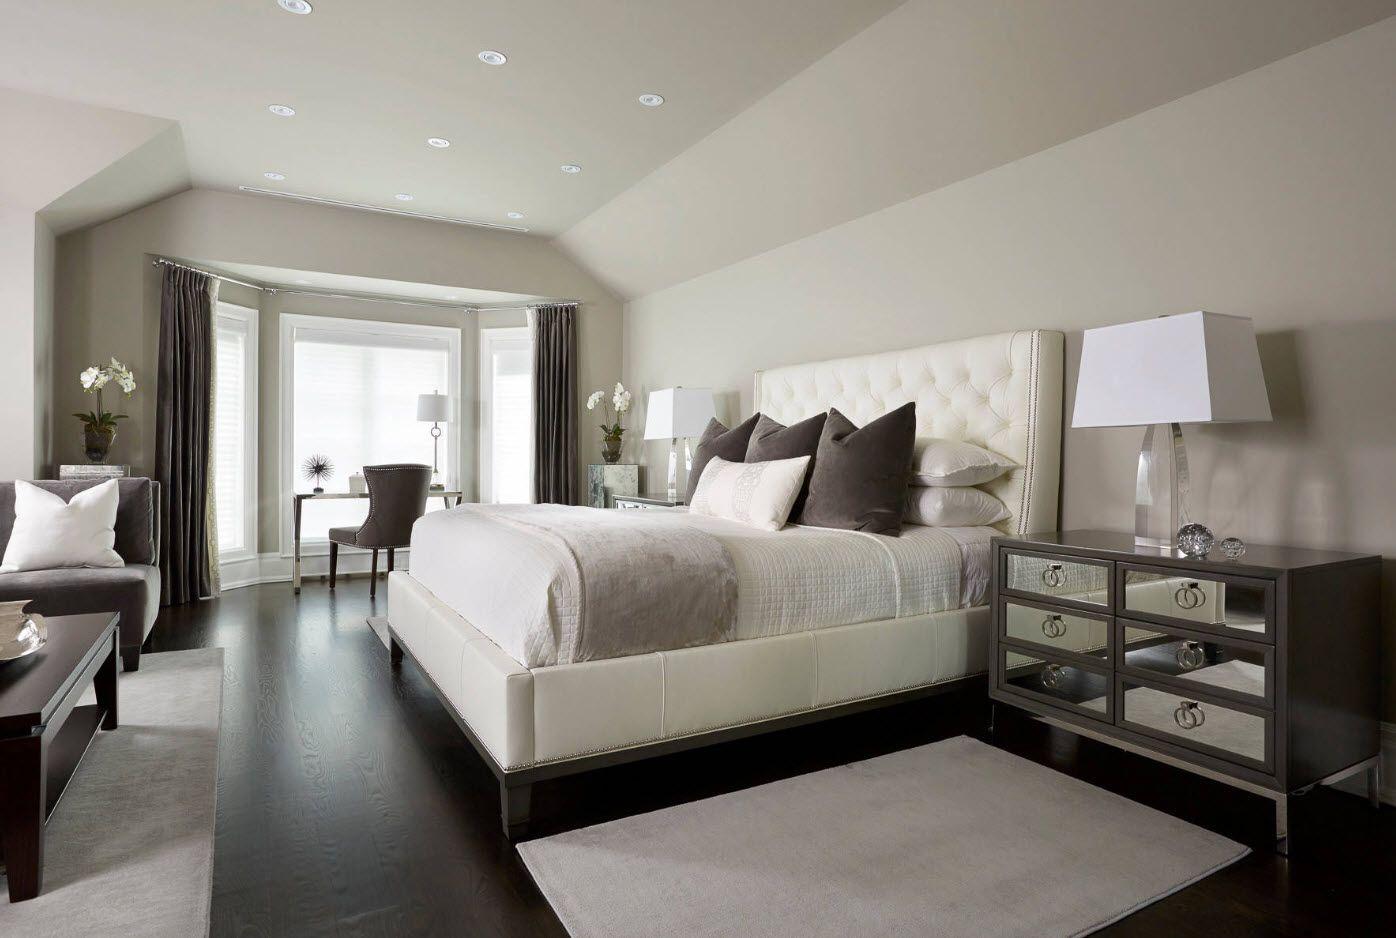 спальня площадью 17 кв м фото интерьера